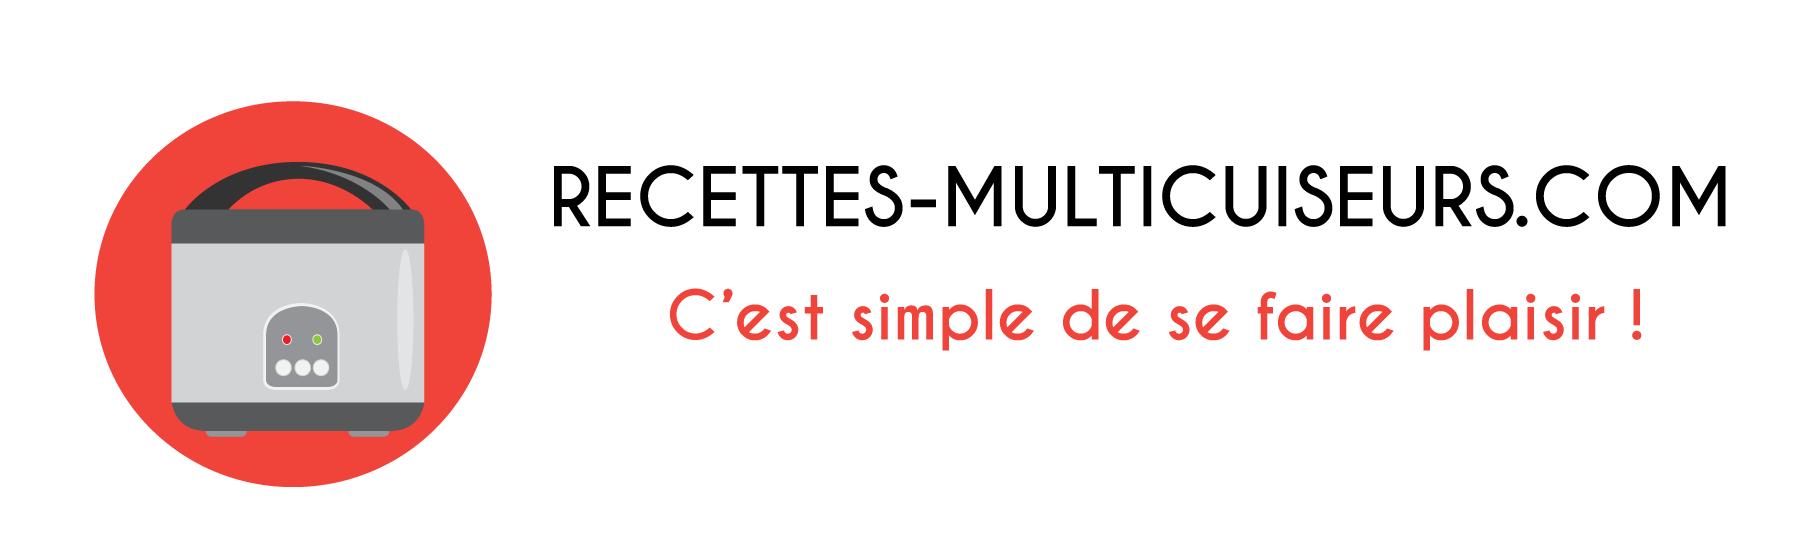 Recettes Multicuiseurs